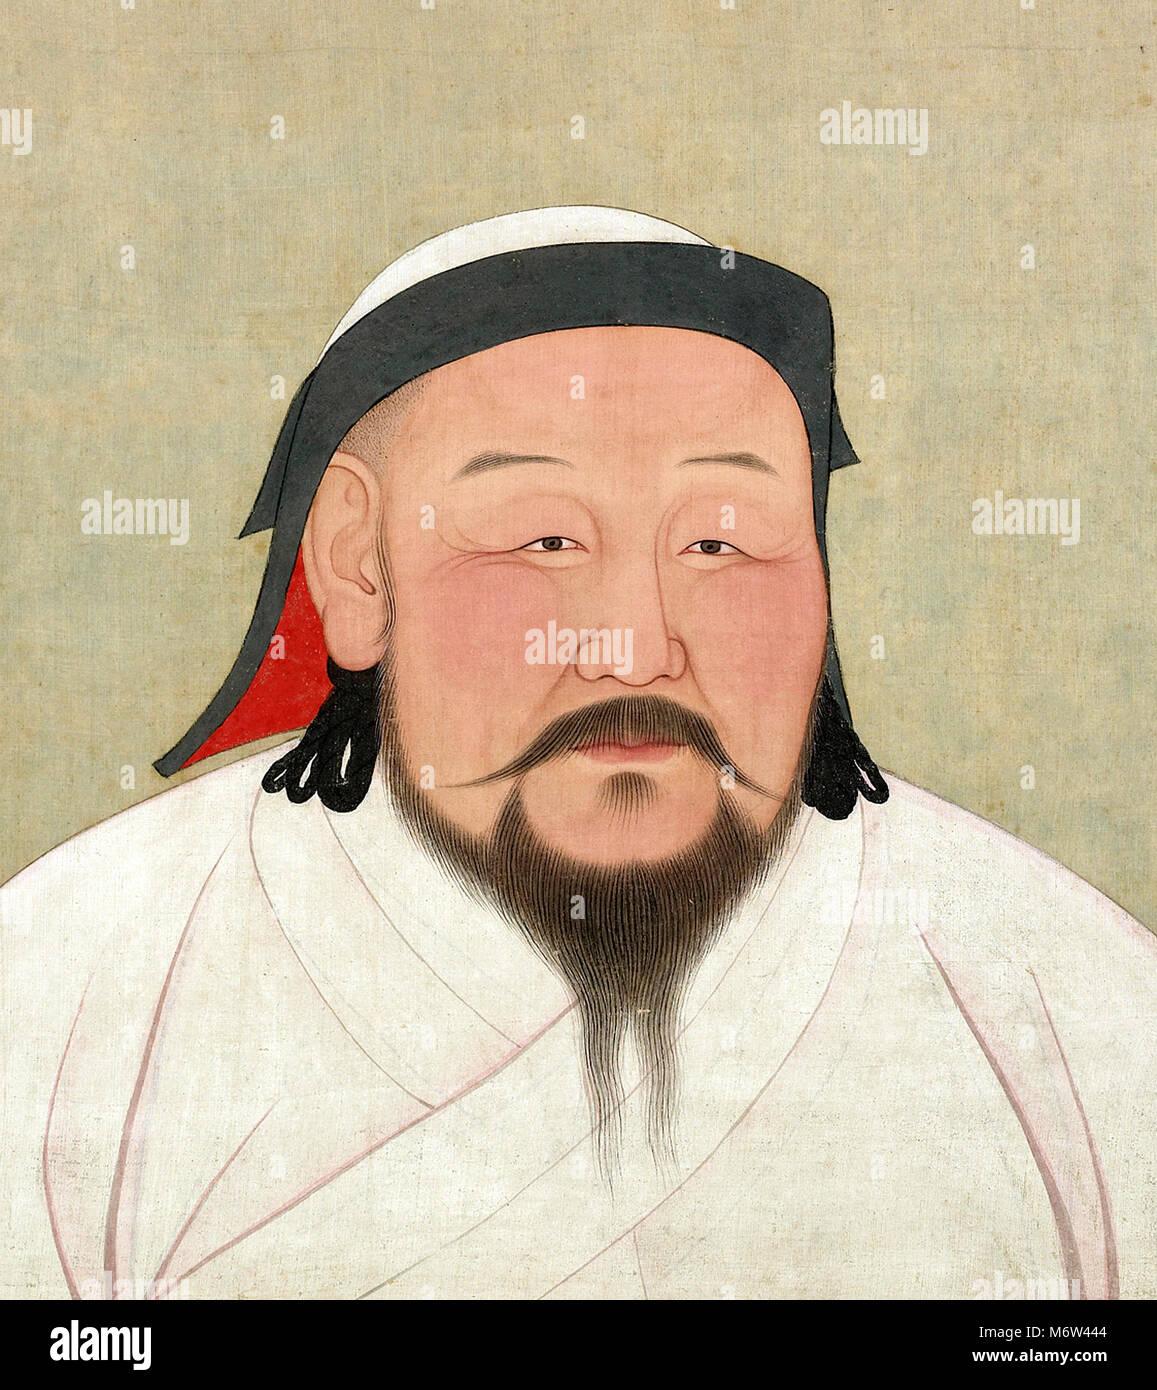 Kublai Khan (c.1215-1294), retrato de la quinta Khagan (Gran Khan del Imperio Mongol, pintura y tinta sobre seda, Imagen De Stock